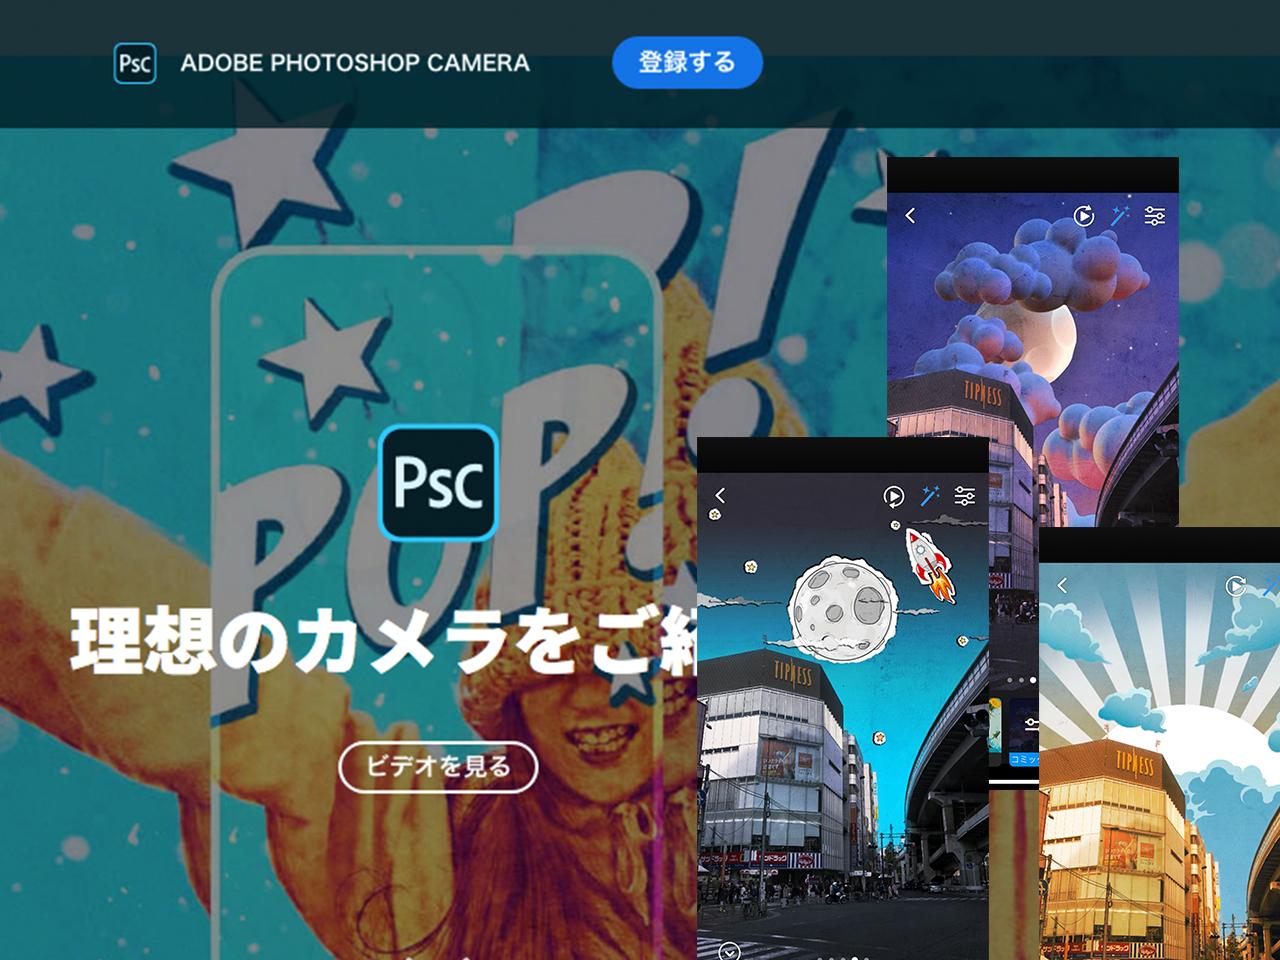 【Photoshop Camera】プレビュー版をダウンロードして使ってみたよ!